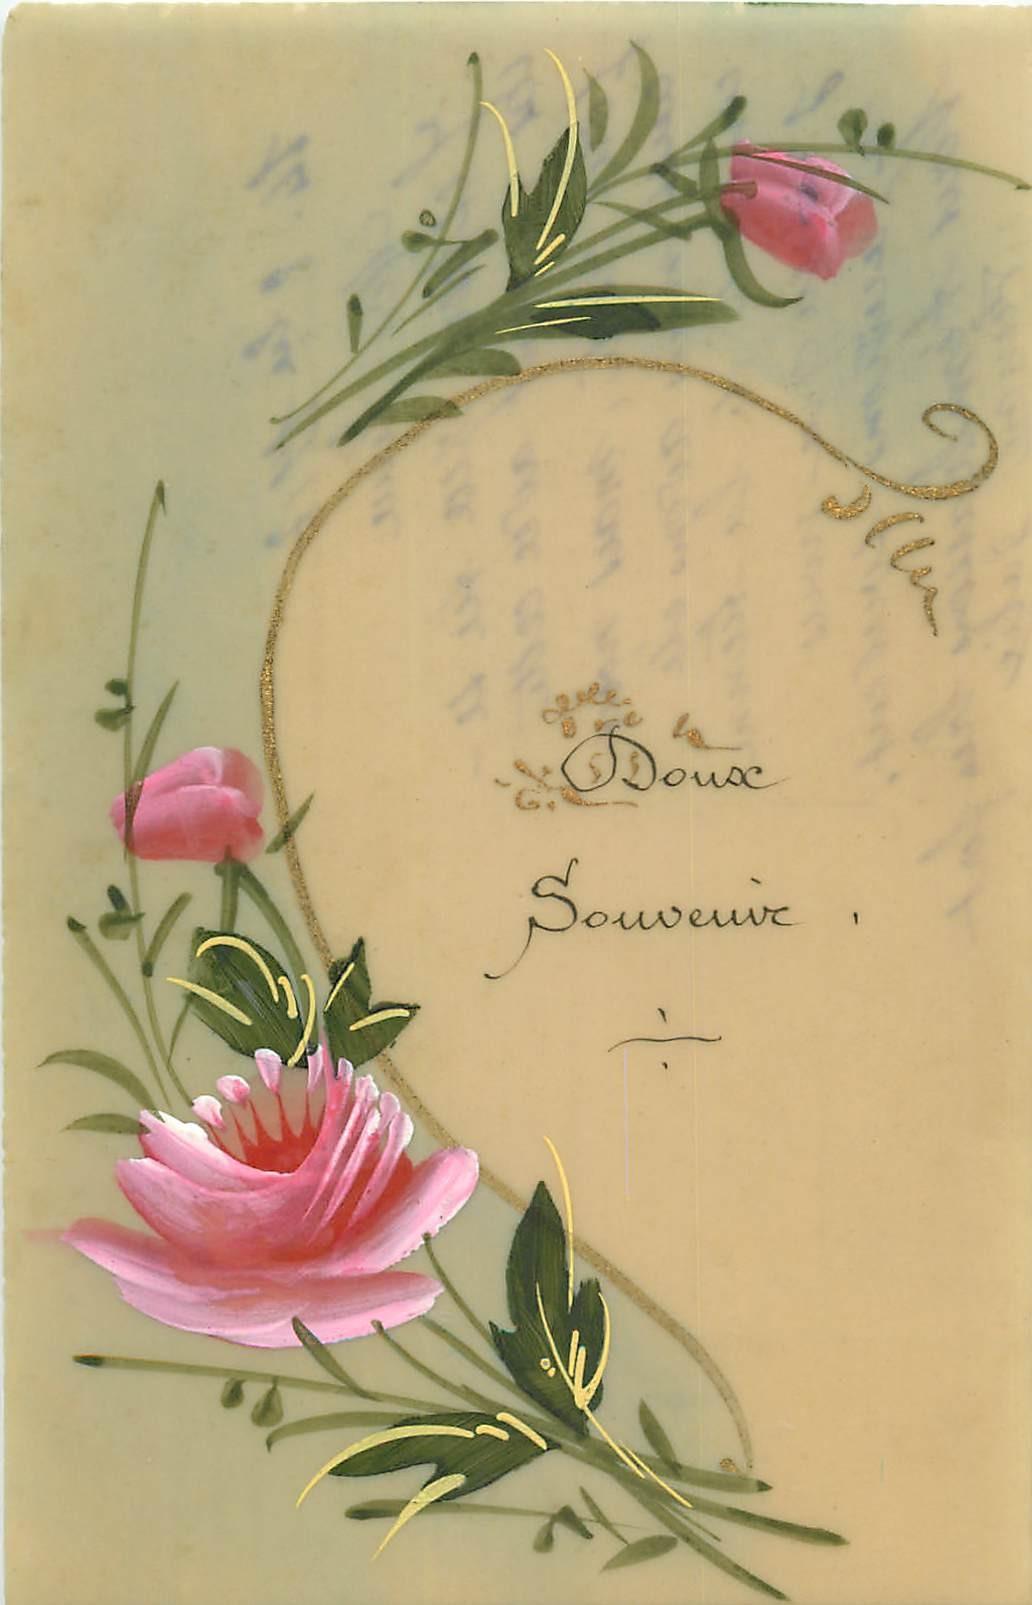 Fleurs Du Jardin Élégant Fleurs Doux souvenir Roses Peintes  La Main Sur Cellulo¯d 1917 Of 41 Beau Fleurs Du Jardin